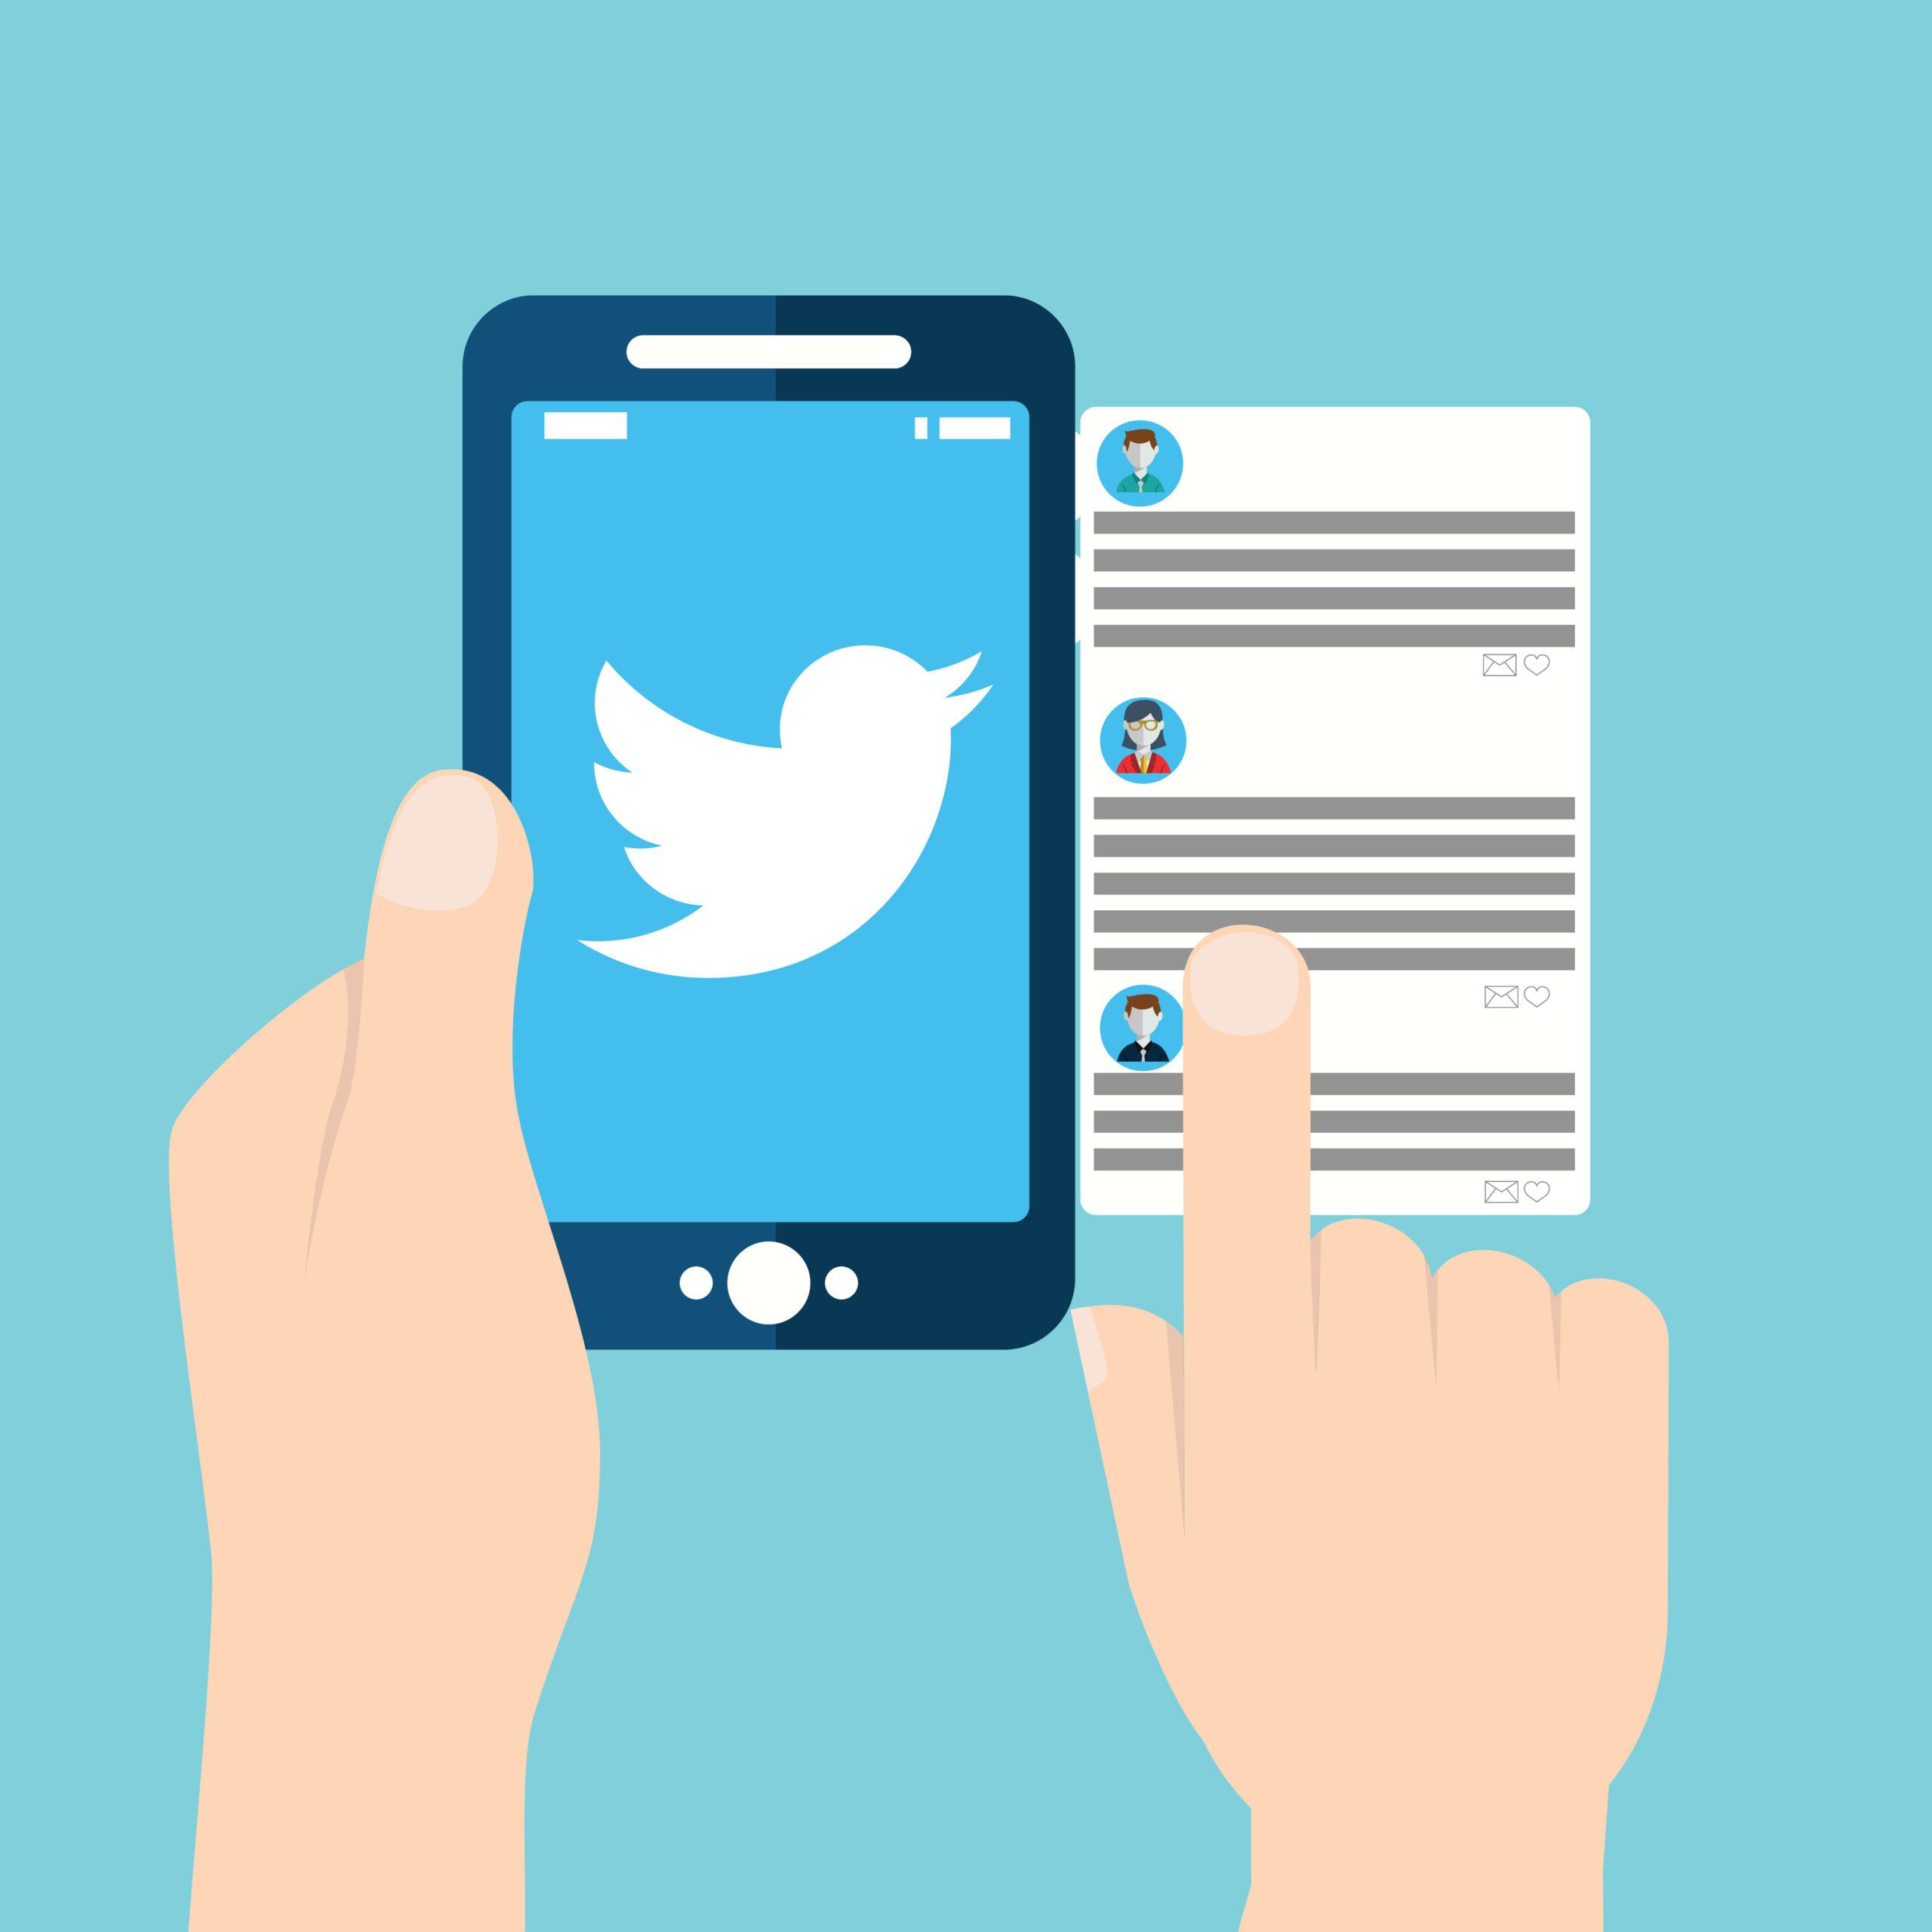 なぜブログ初心者にTwitterが必要なのか?